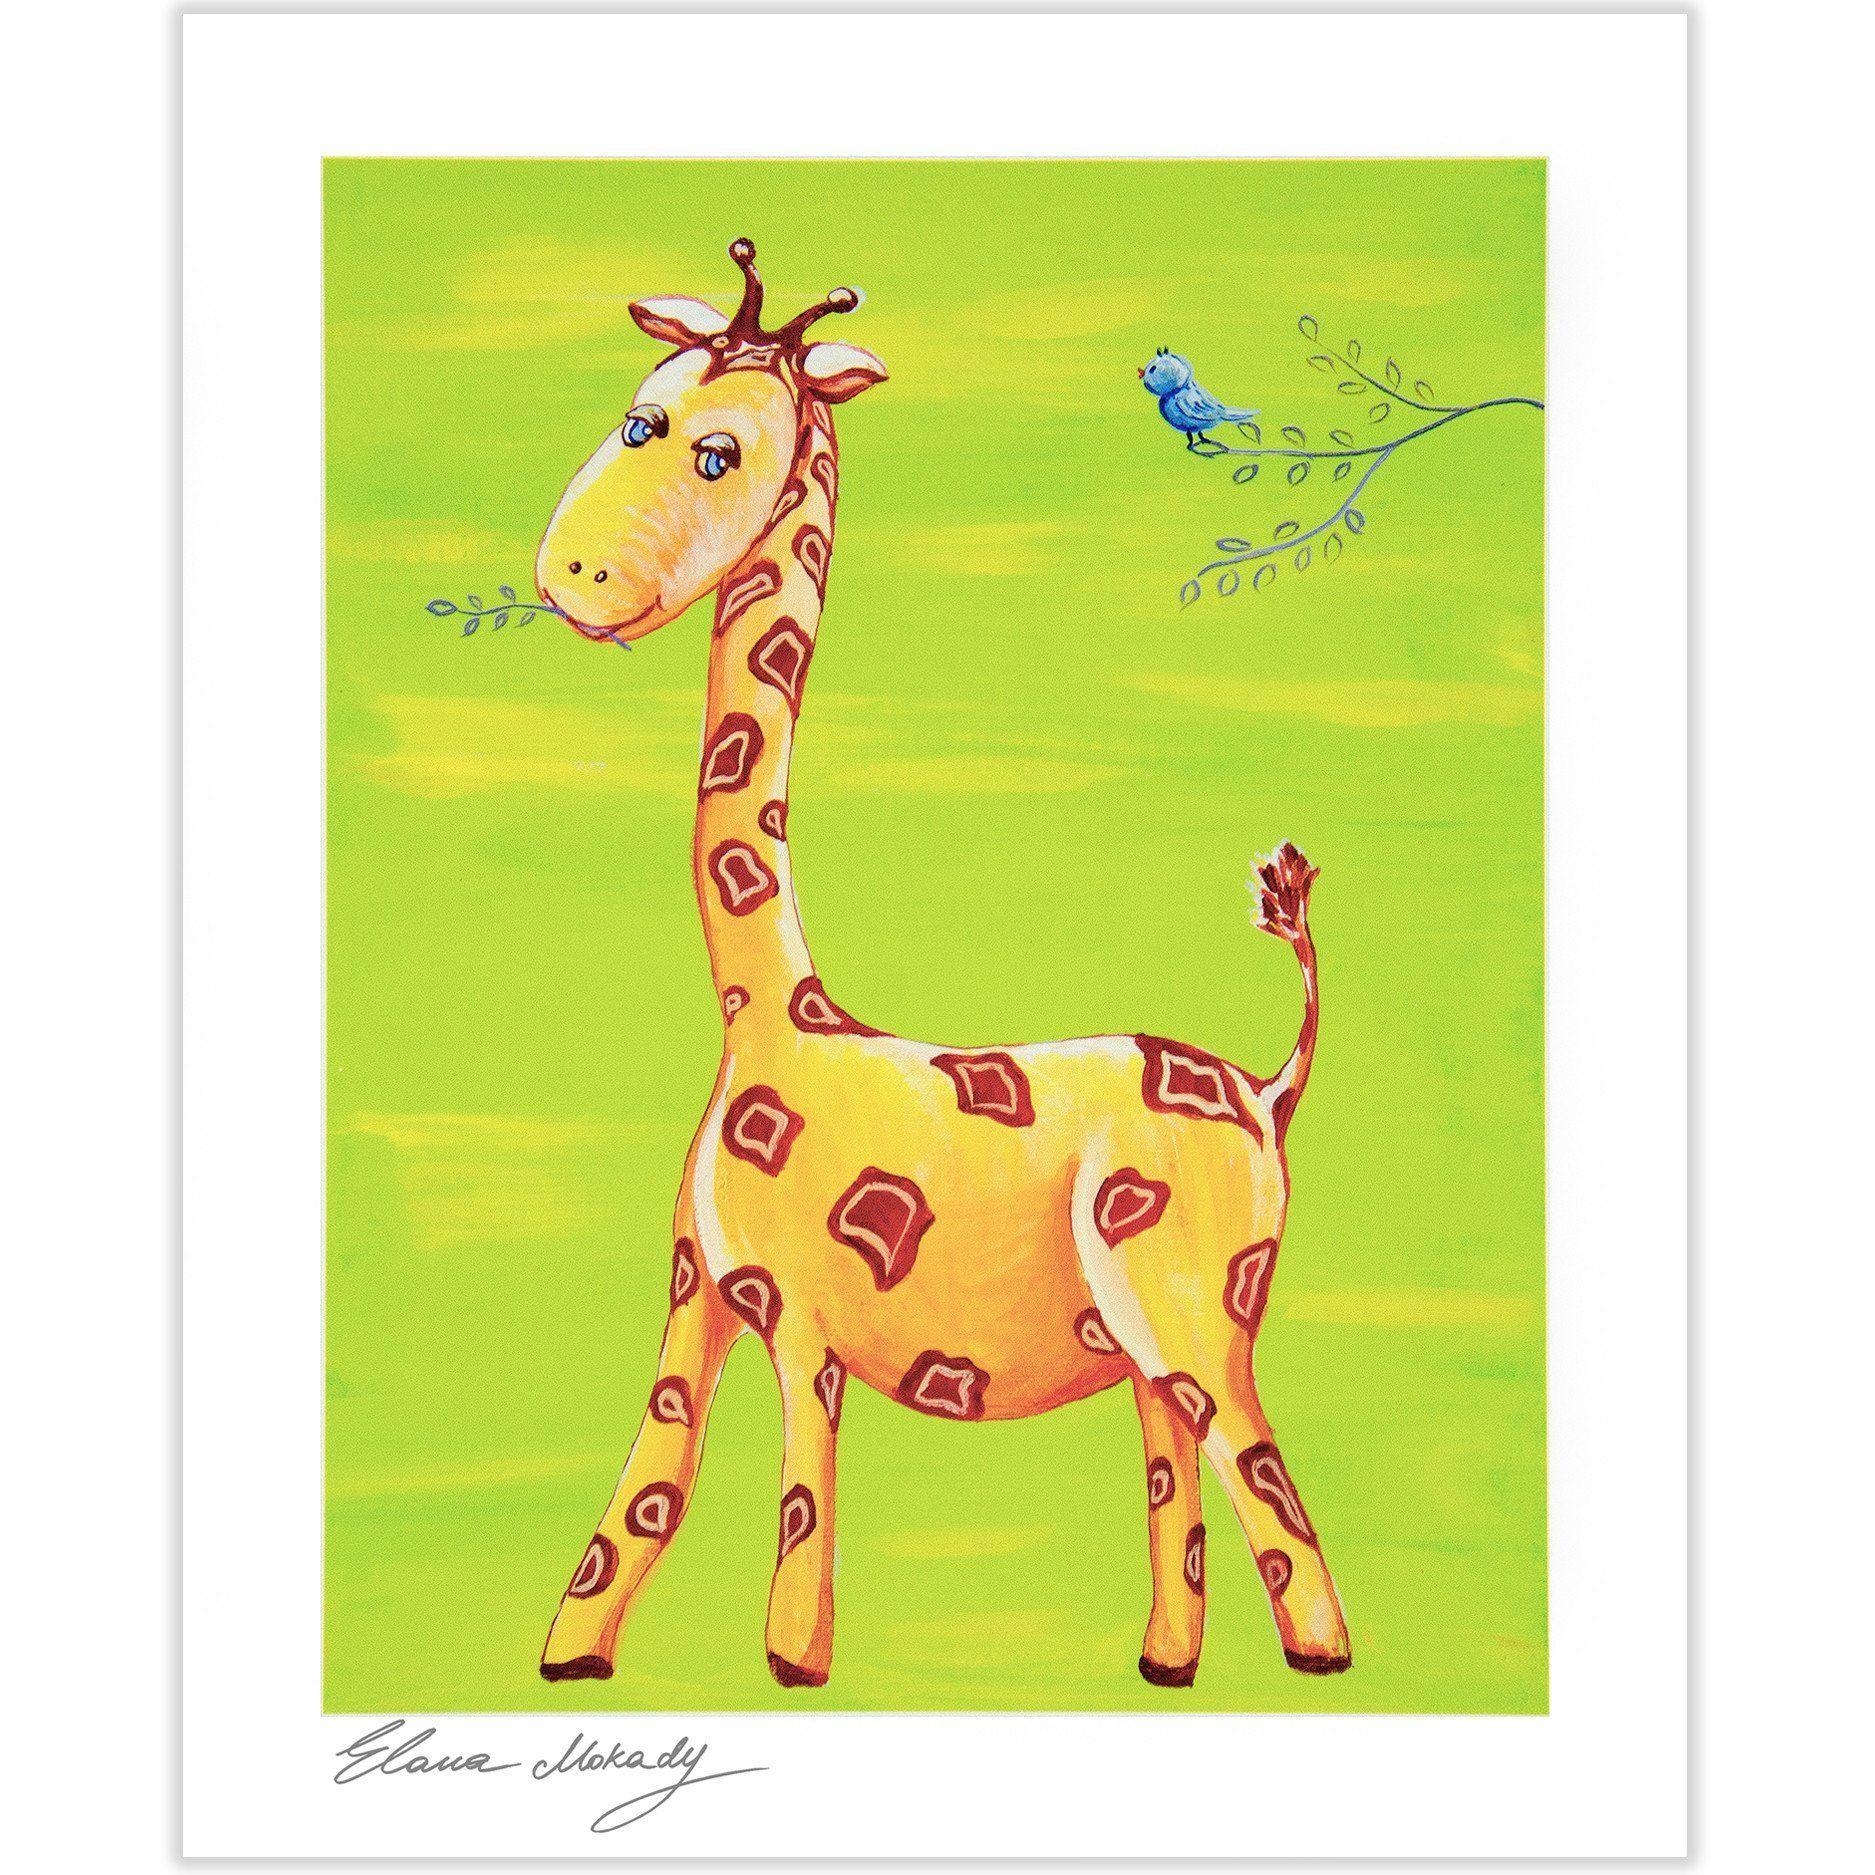 Baby Giraffe, Paper Wall Art | Products | Pinterest | Baby giraffes ...